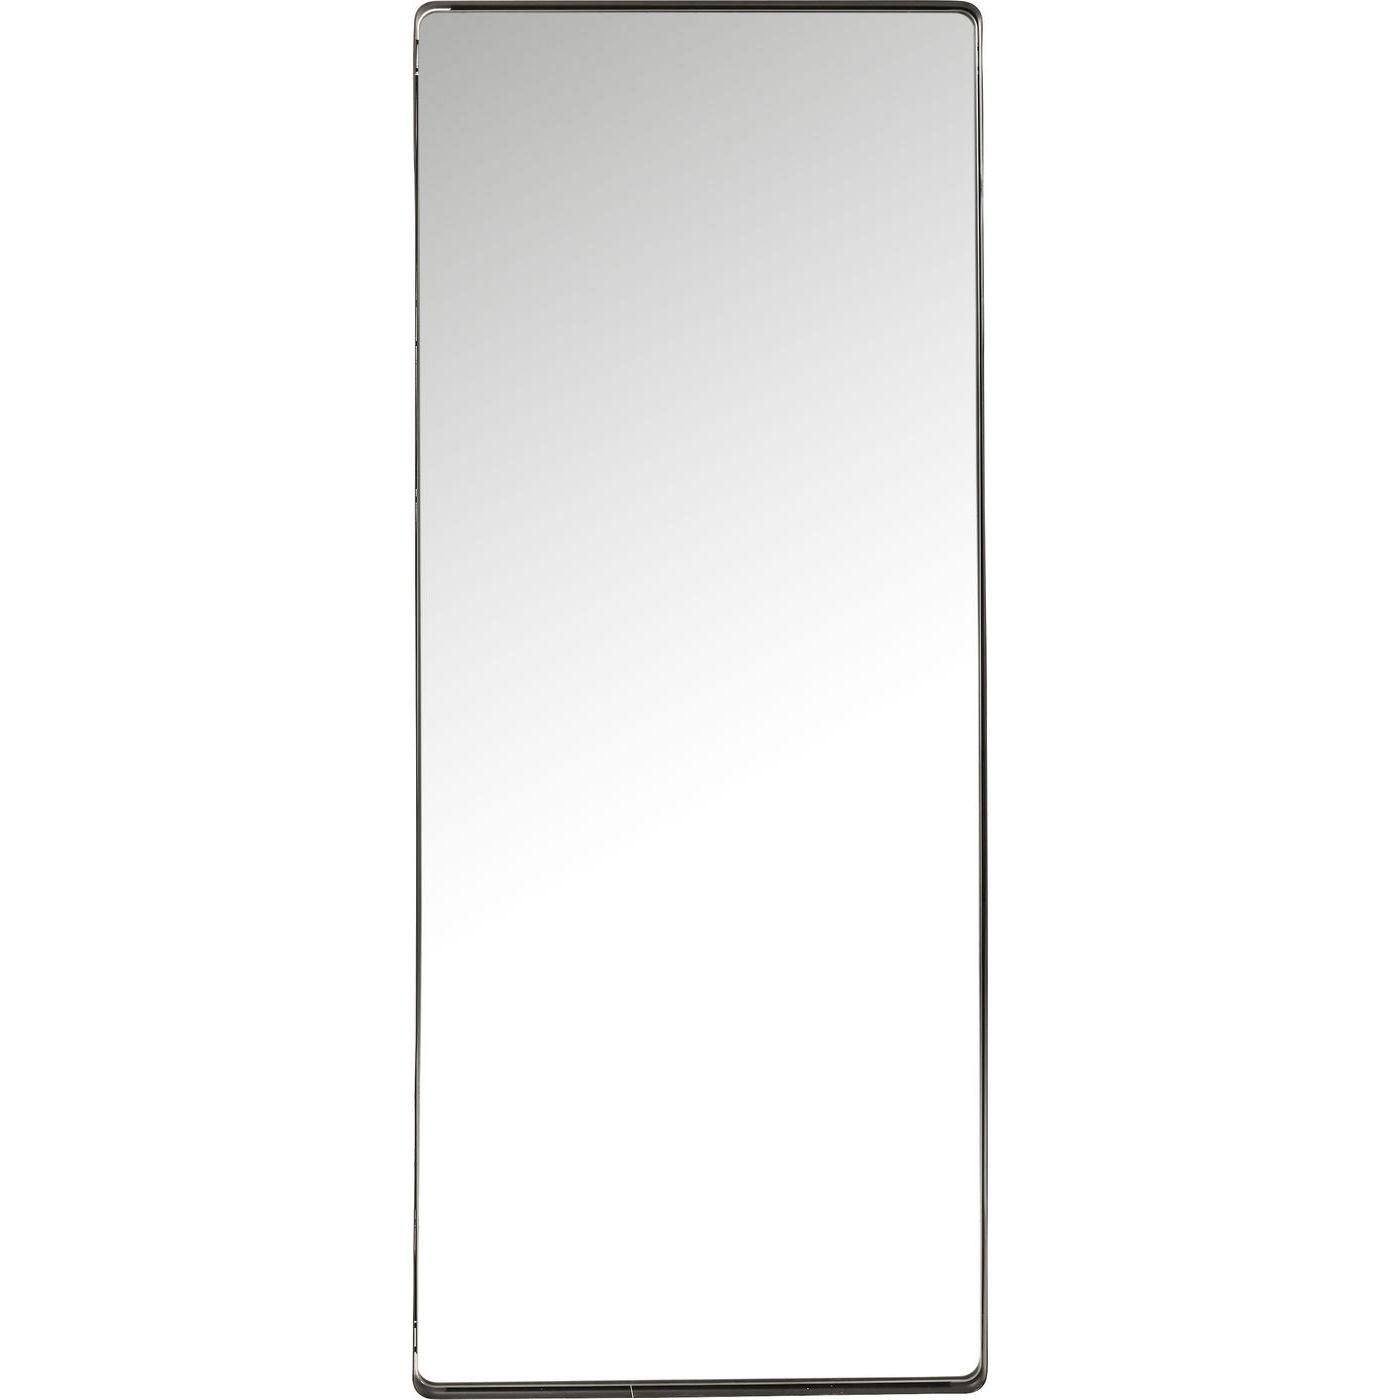 Miroir bords arrondis en métal noir 200x80